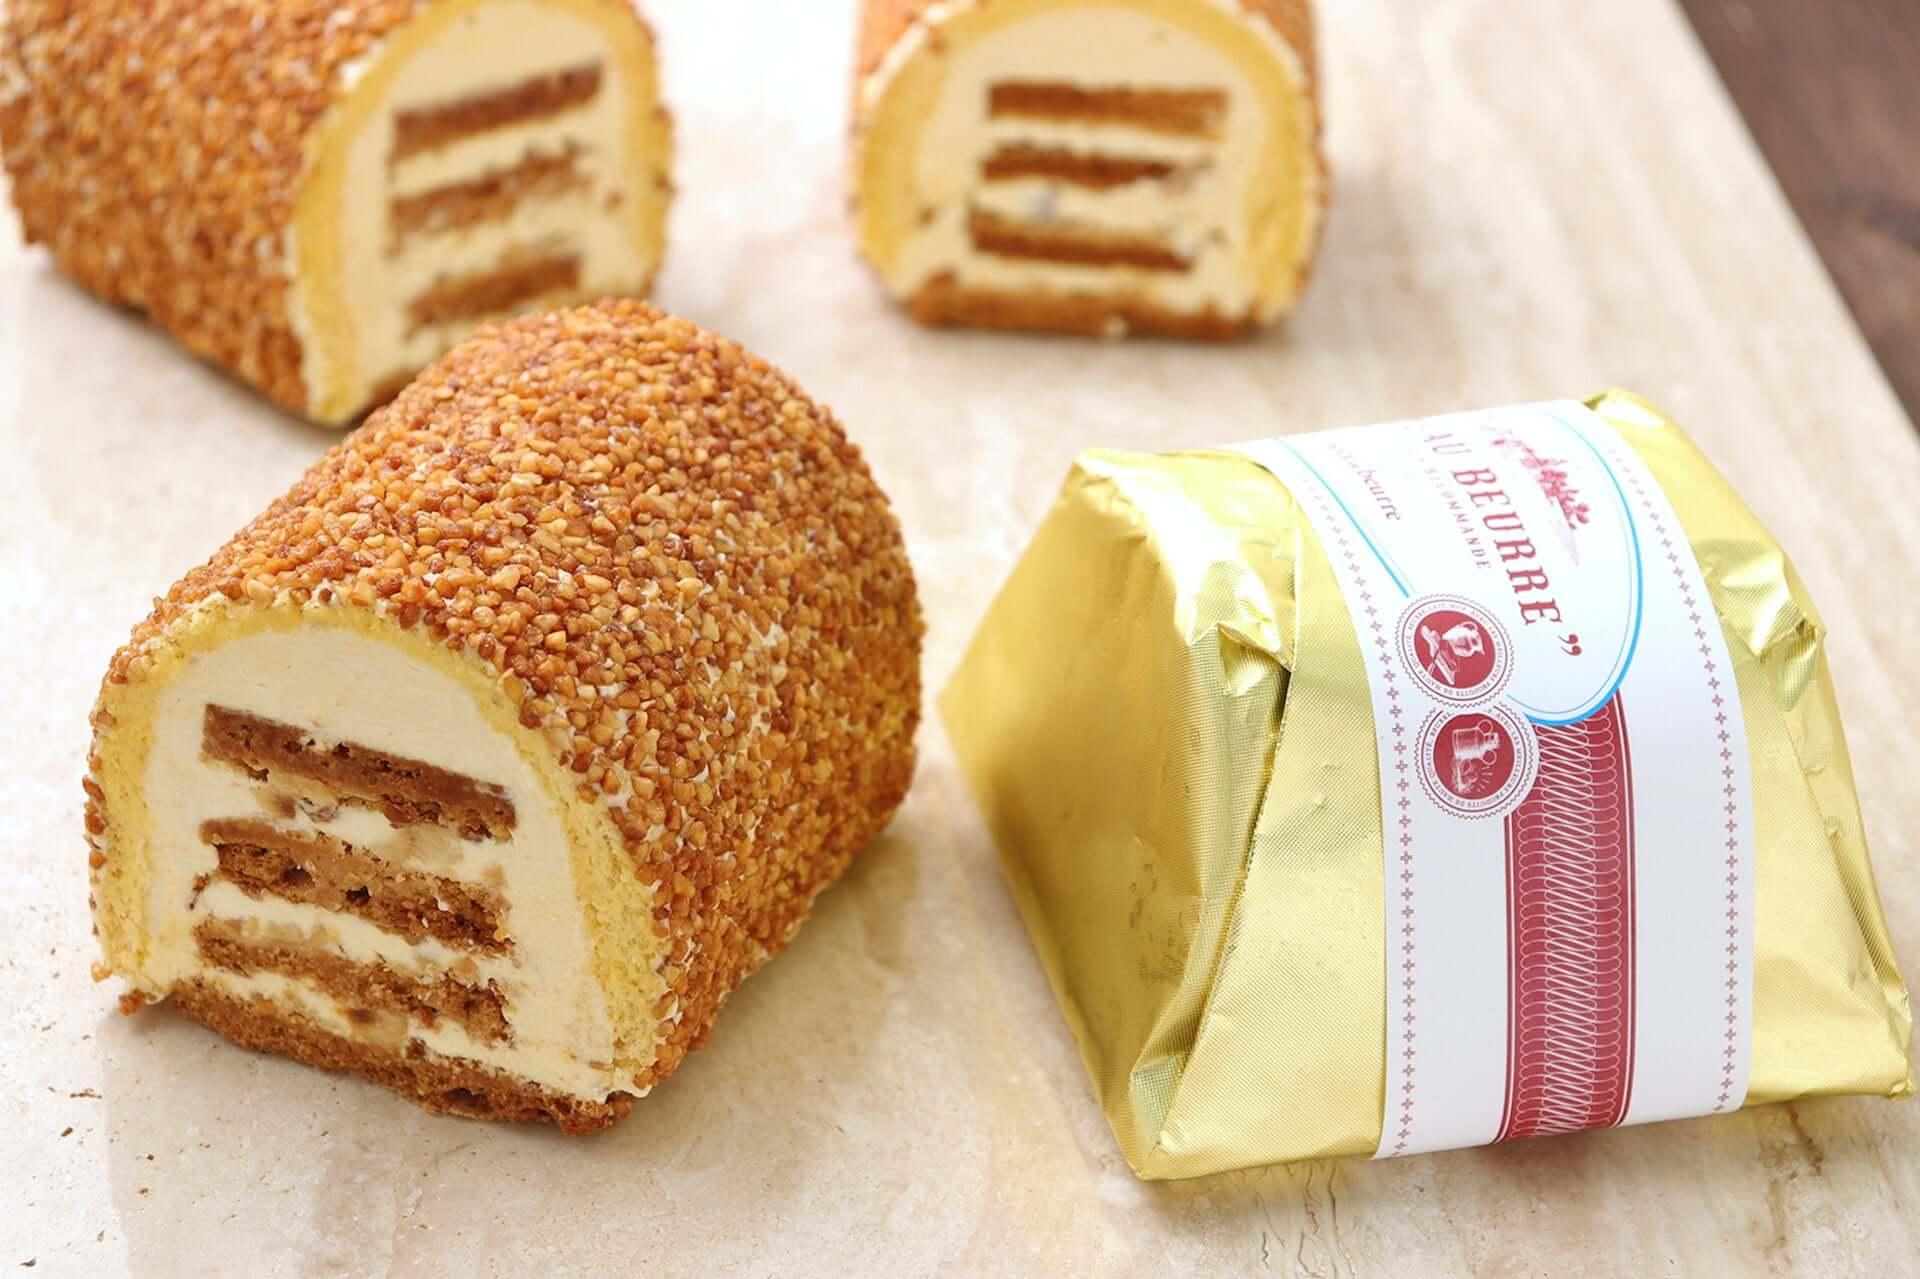 10周年を迎える洋菓子ブランド「ノワ・ドゥ・ブール」から特製バタークリームのケーキ『ガトー・ブール』が発売決定! gourmet210322_noix-de-beurre_2-1920x1279